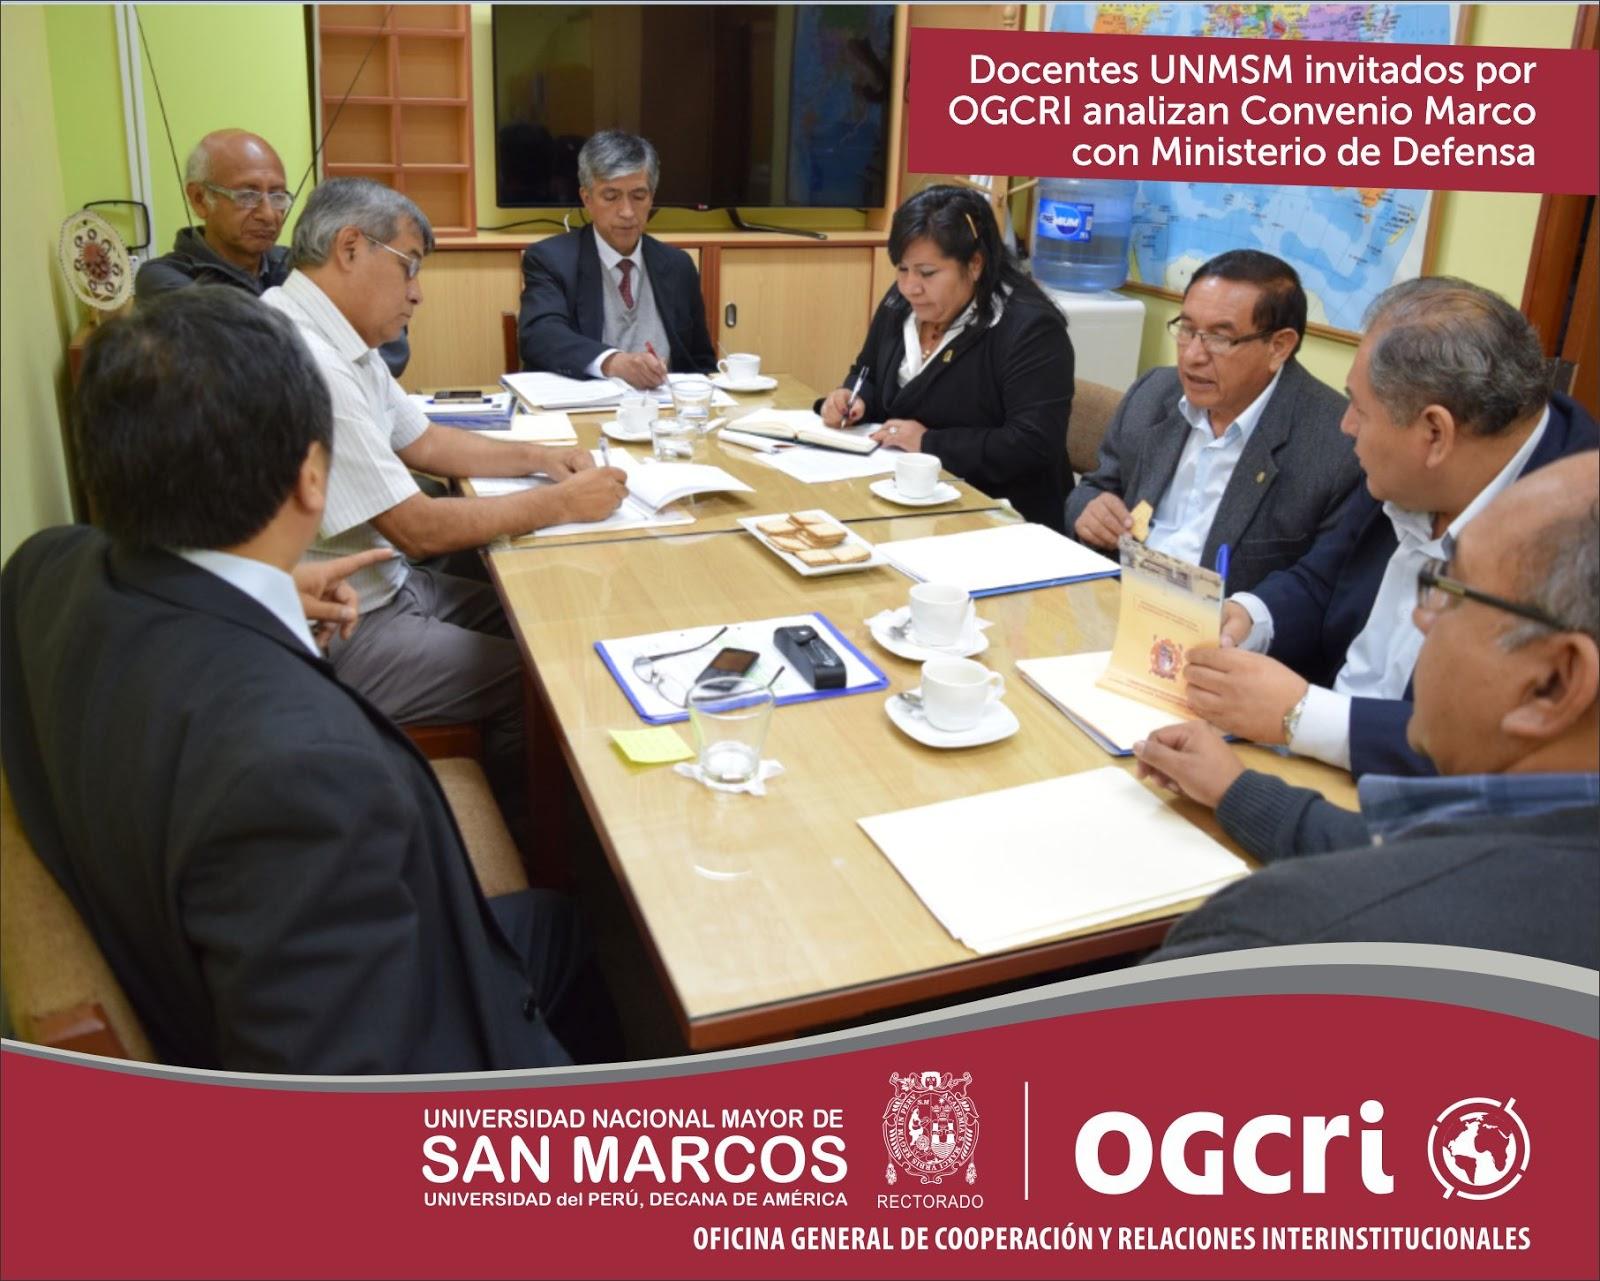 Ogcri unmsm se prepara convenio con ministerio de defensa for Convenio oficinas y despachos estatal